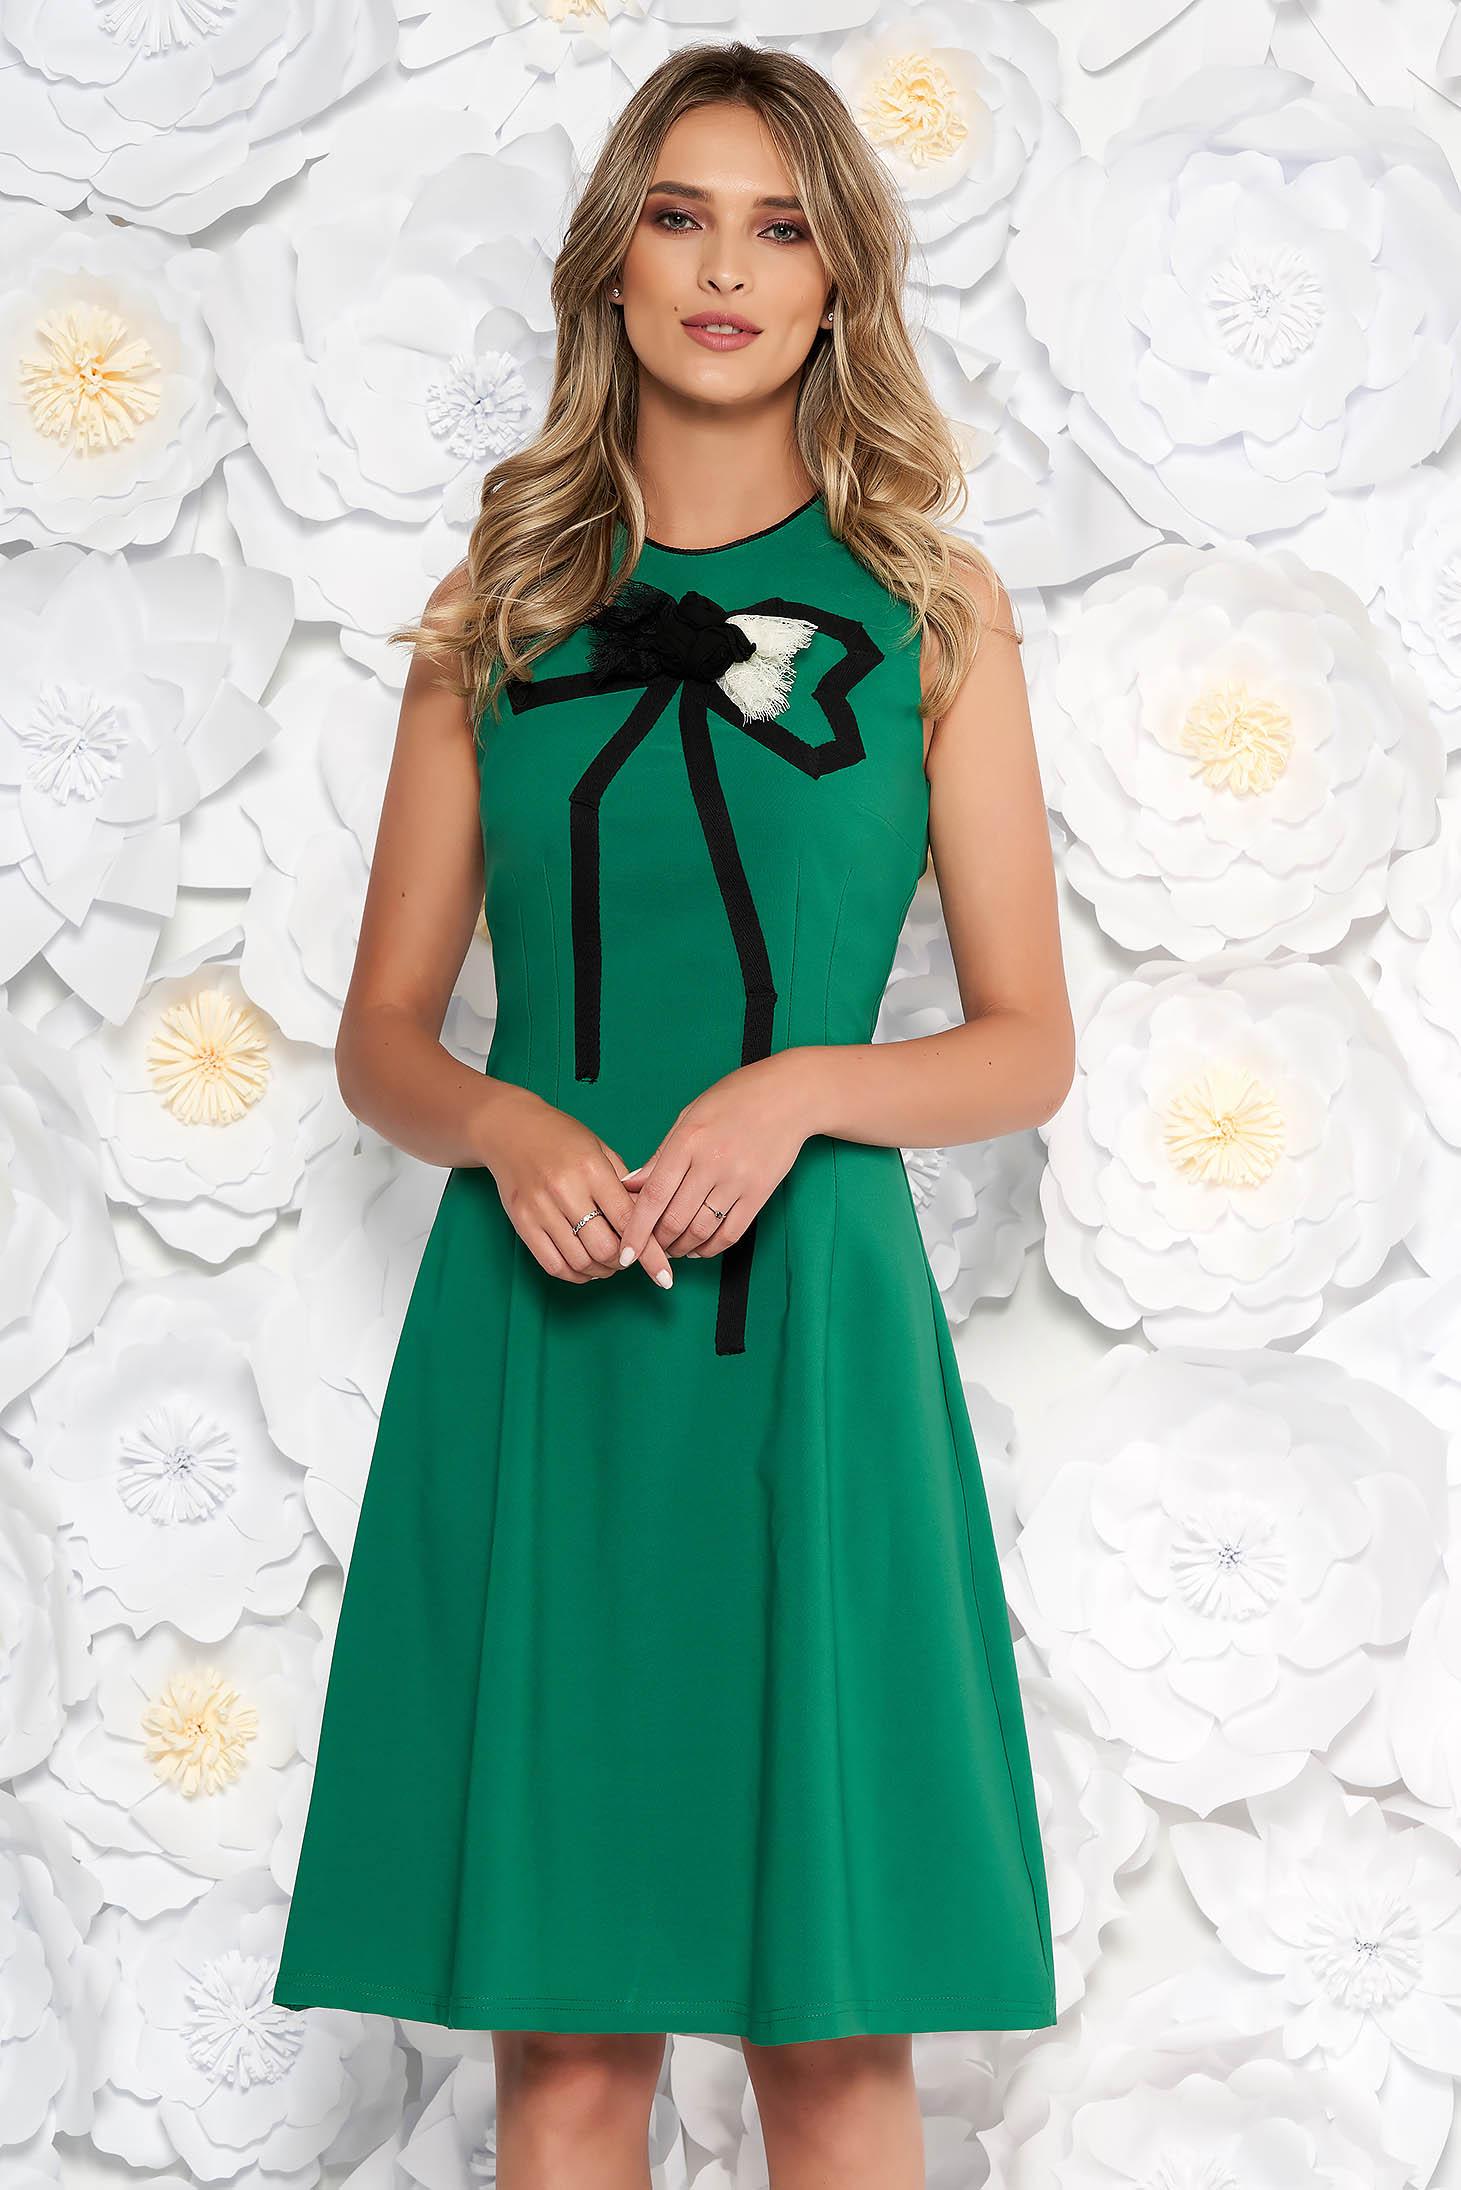 Rochie verde eleganta in clos din material usor elastic cu aplicatii cusute manual